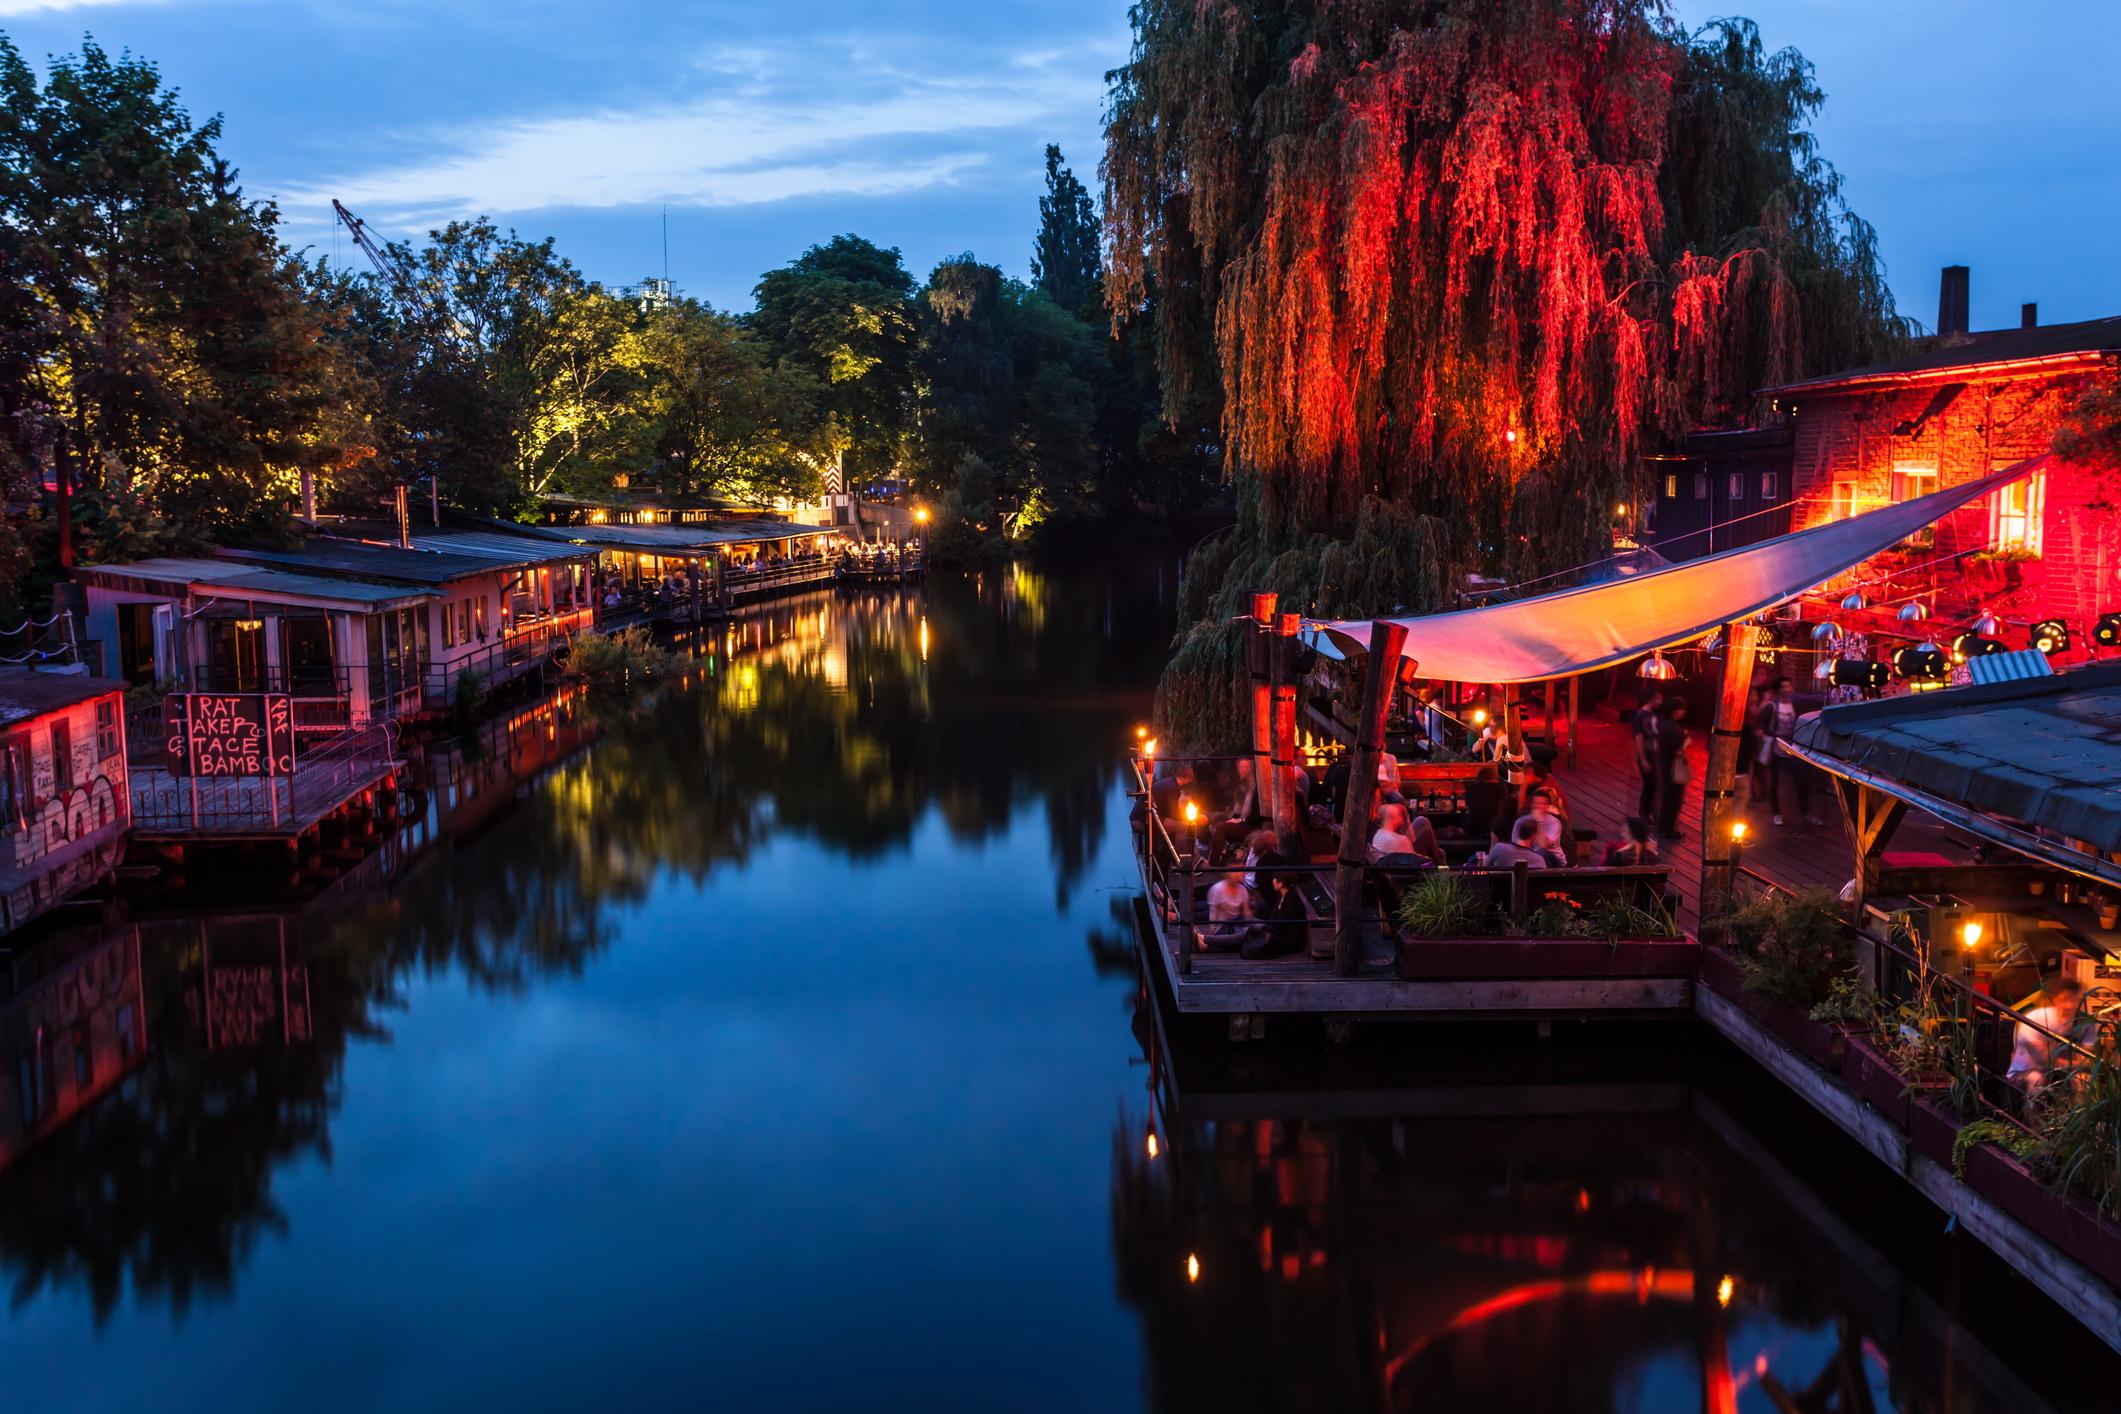 <p>Районът на Кройцберг е идеален за проучване на парти сцената. Кварталът е много разнообразен, с комбинация от културни влияния и безкрайни видове барове и ресторанти.</p>